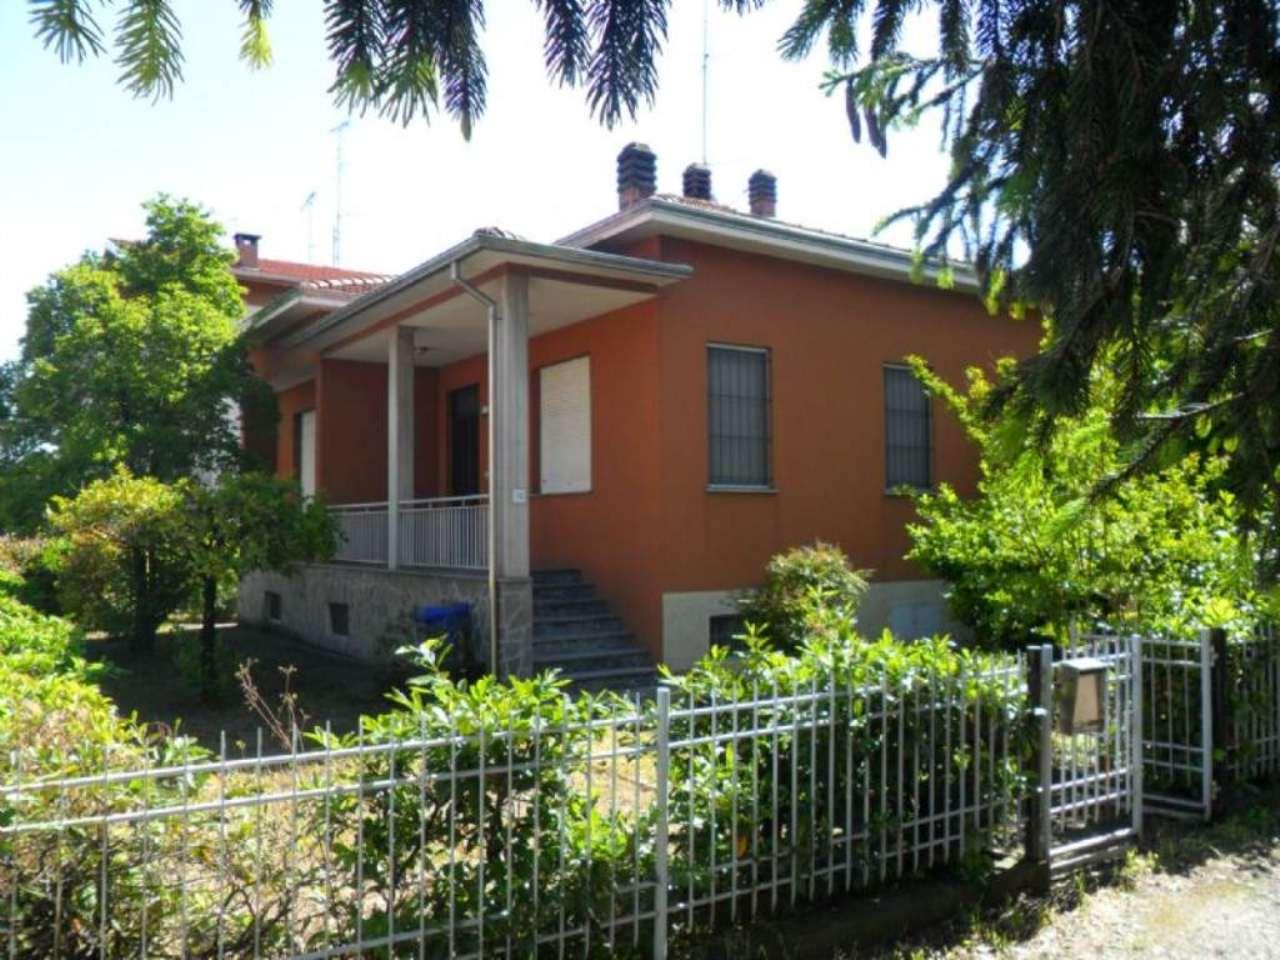 Soluzione Indipendente in vendita a Medesano, 3 locali, prezzo € 160.000 | Cambio Casa.it